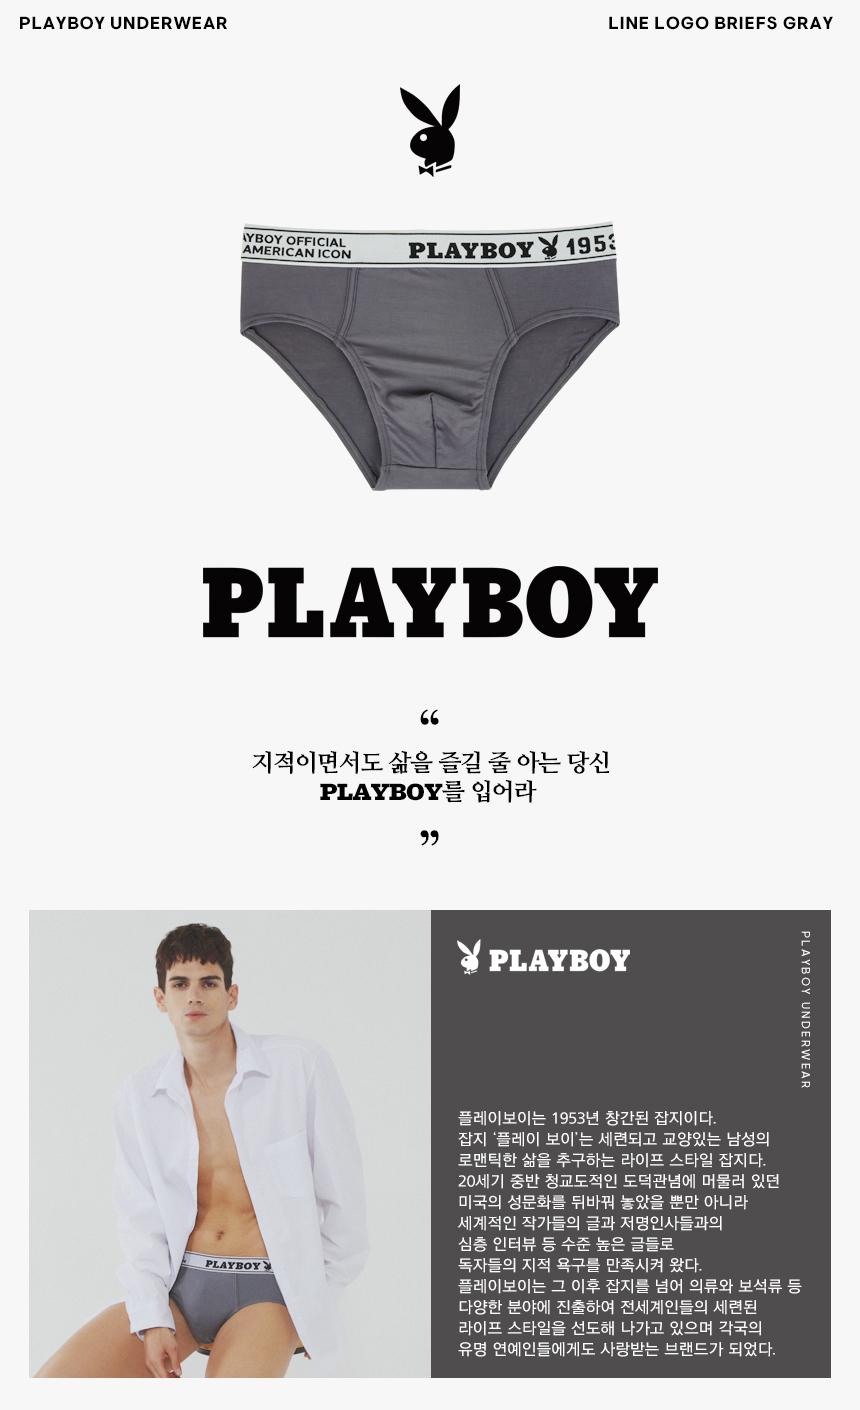 플레이보이(PLAYBOY) 남성 라인 로고 브리프 1매입 그레이 PMB3101-GY